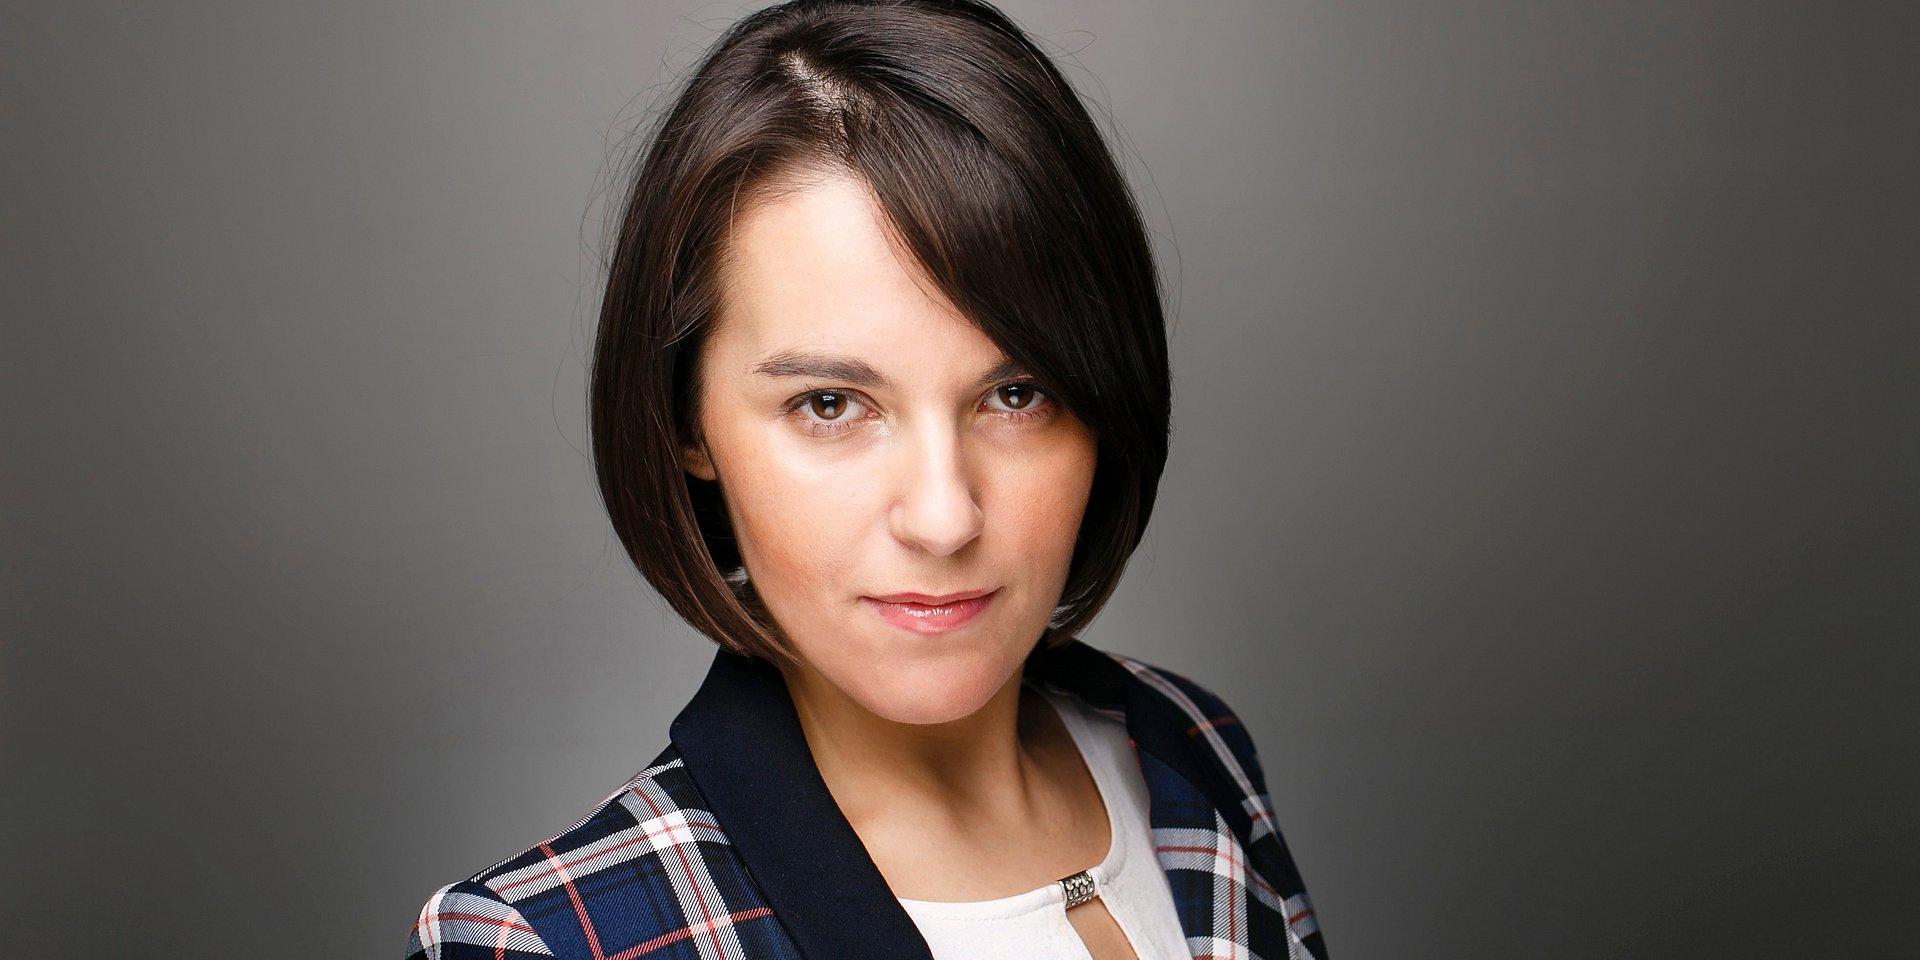 Dr Joanna Uchańska została Partnerem w Kancelarii Prawnej Chałas i Wspólnicy